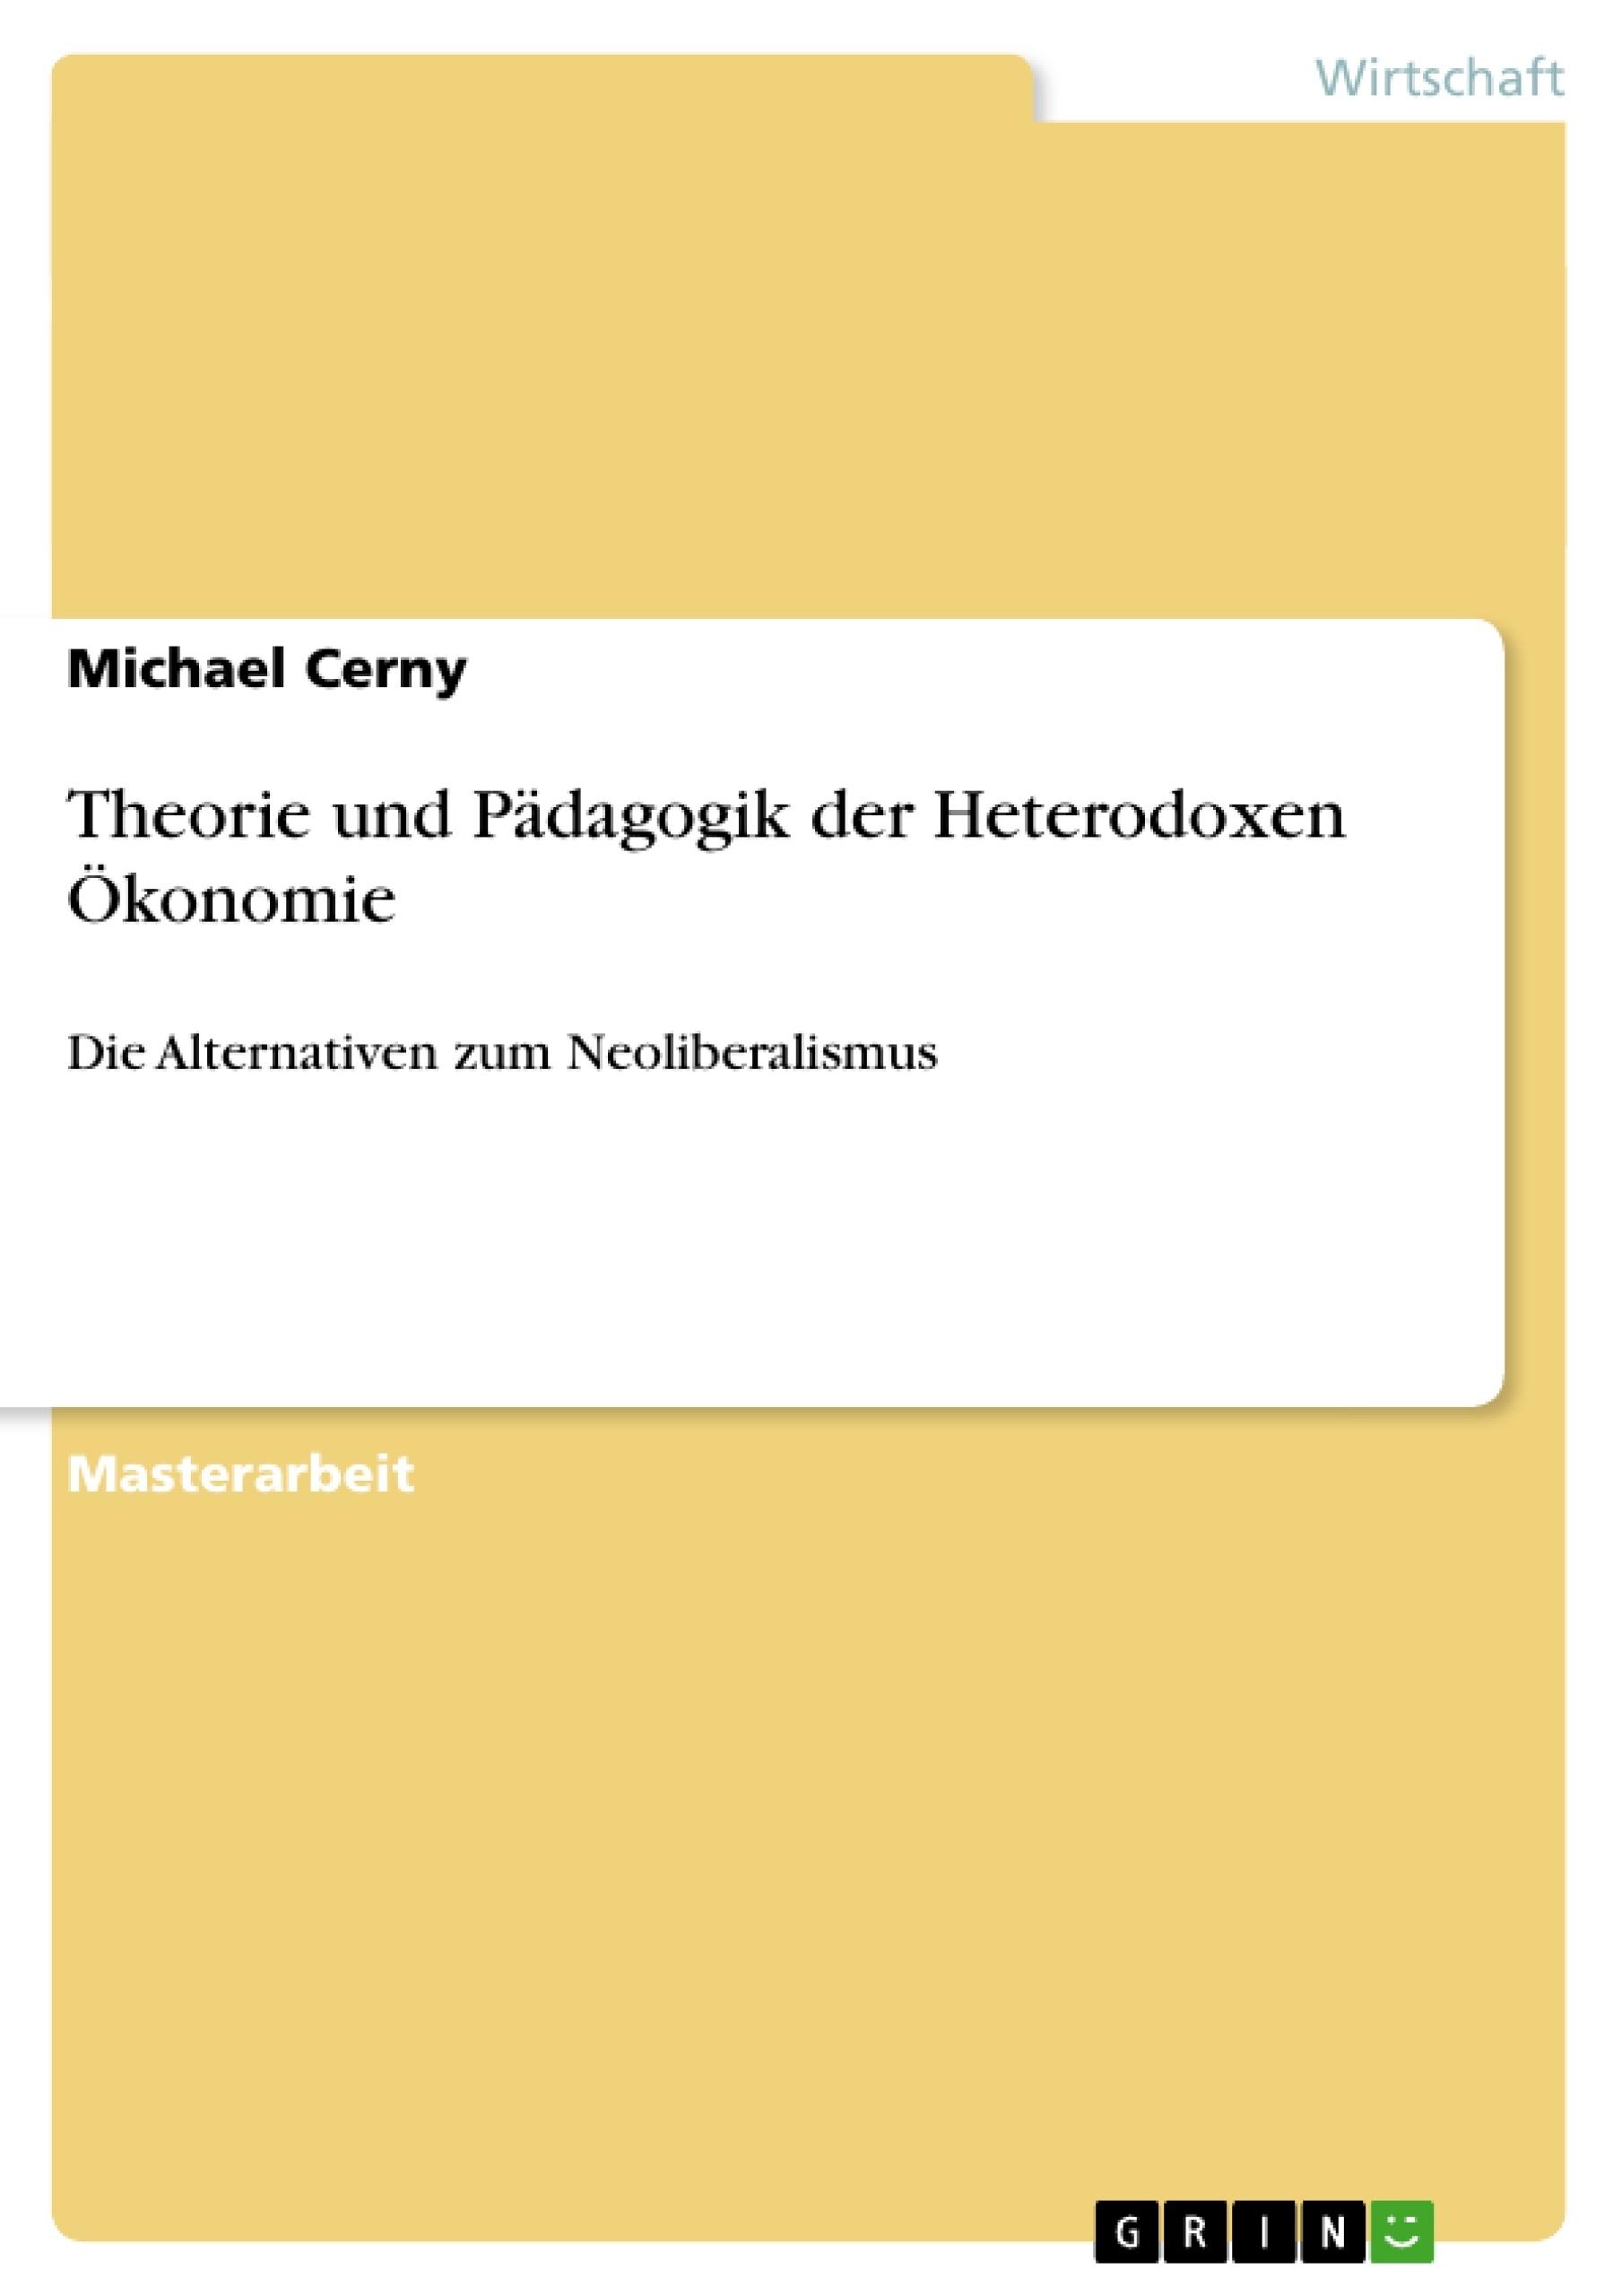 Titel: Theorie und Pädagogik der Heterodoxen Ökonomie